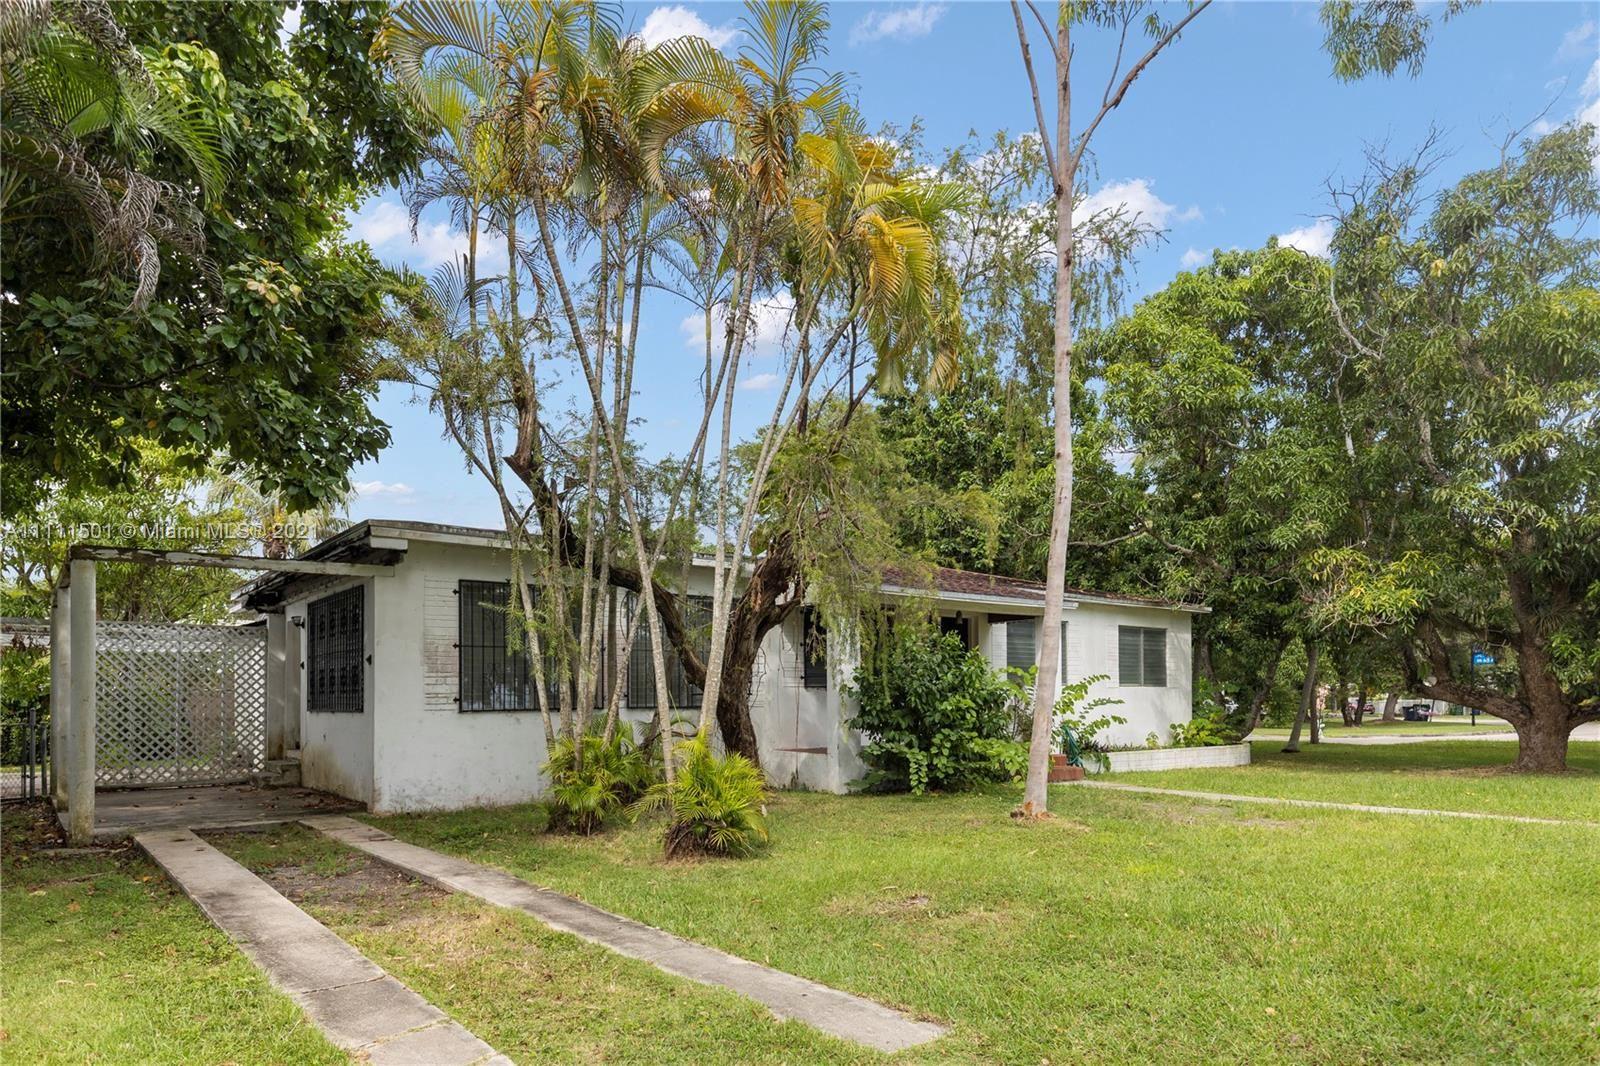 6501 SW 78th Ter, South Miami, FL 33143 - #: A11111501